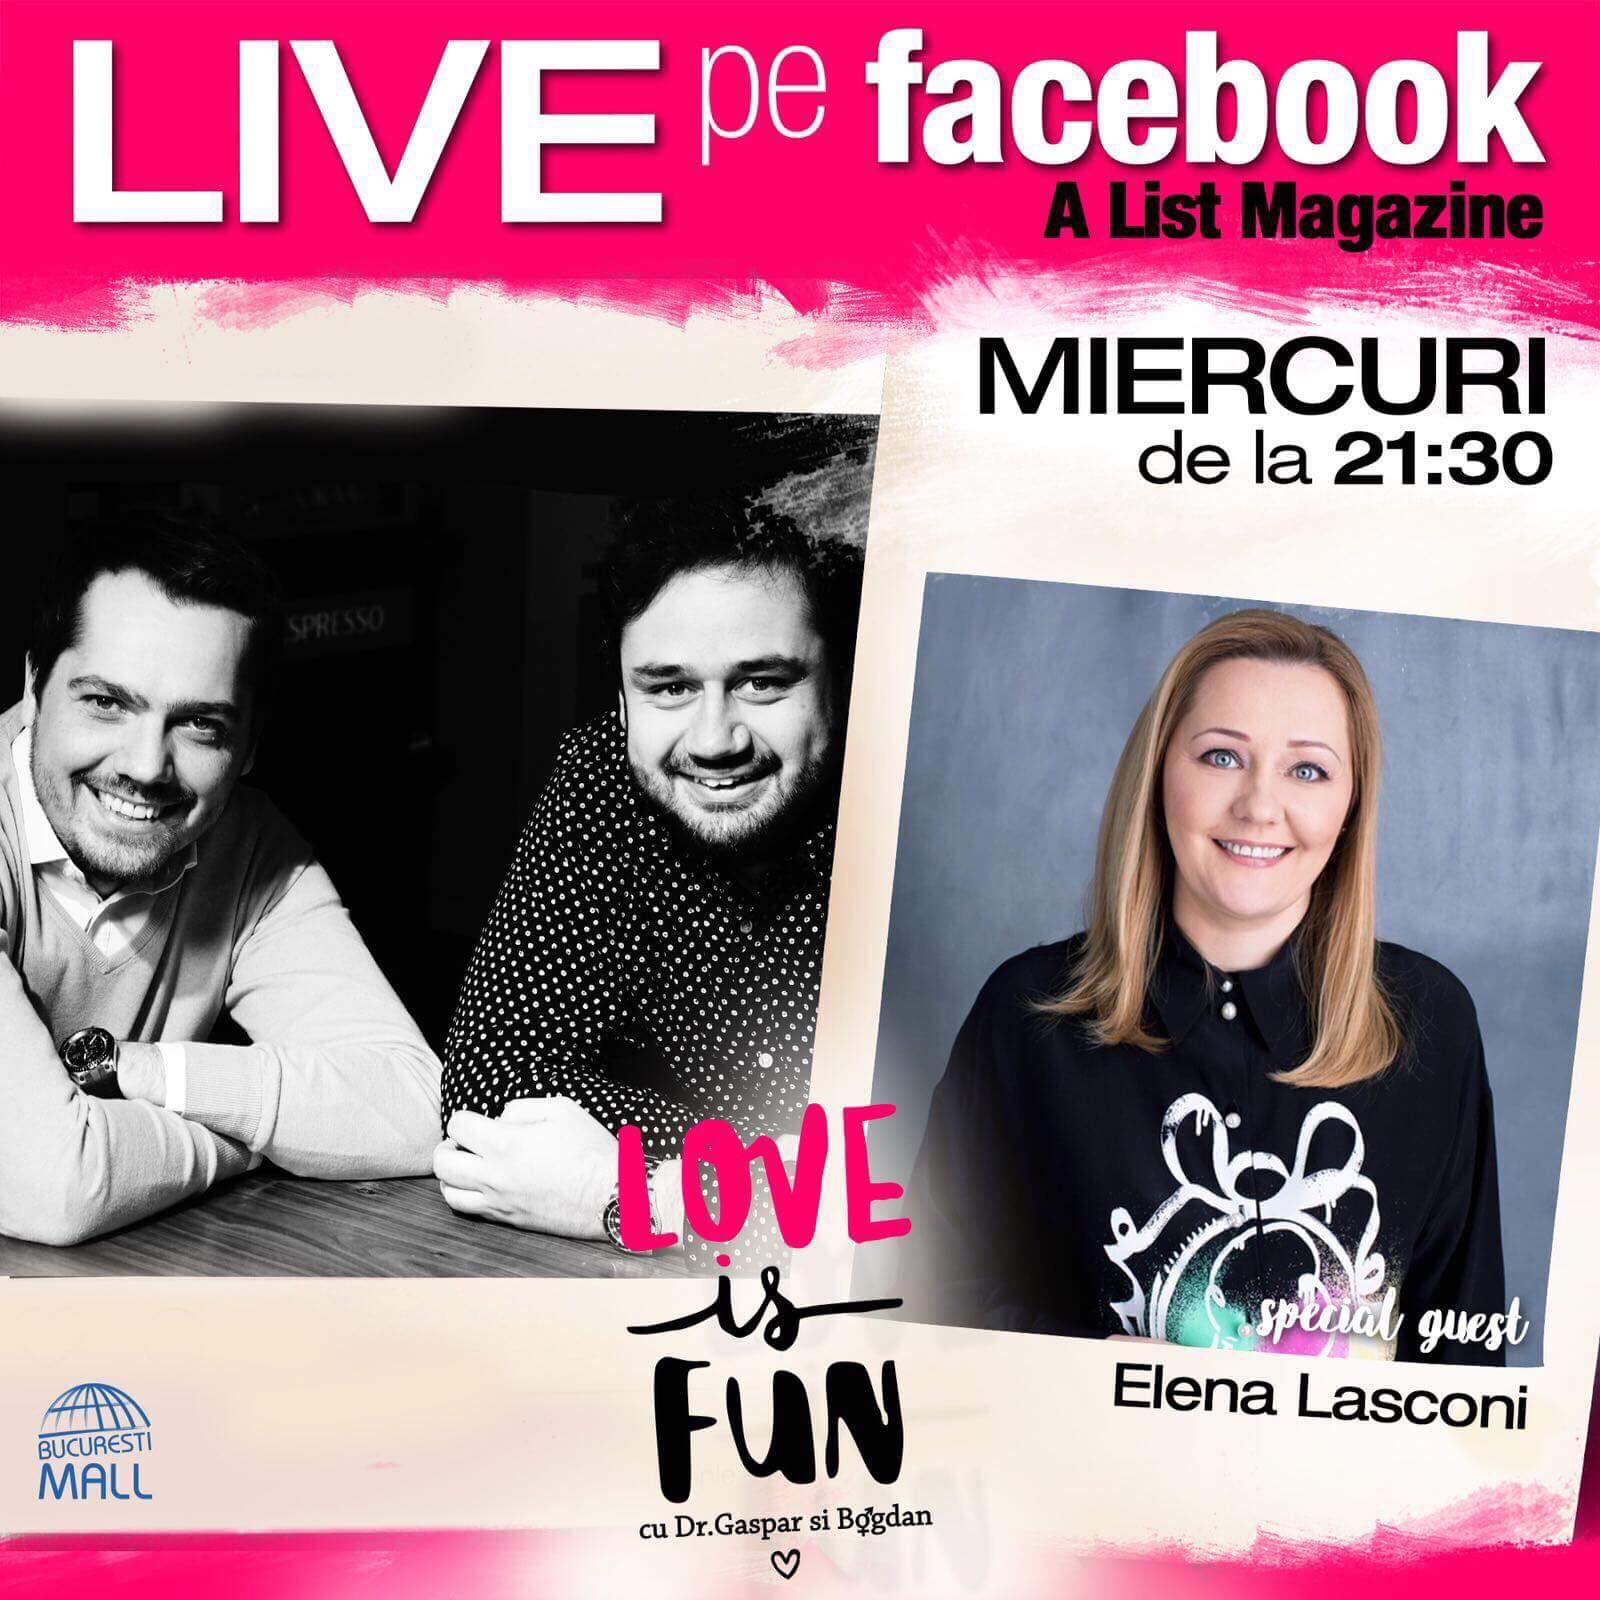 Elena Lasconi, invitată la LOVE IS FUN, LIVE pe Facebook, la 21:30